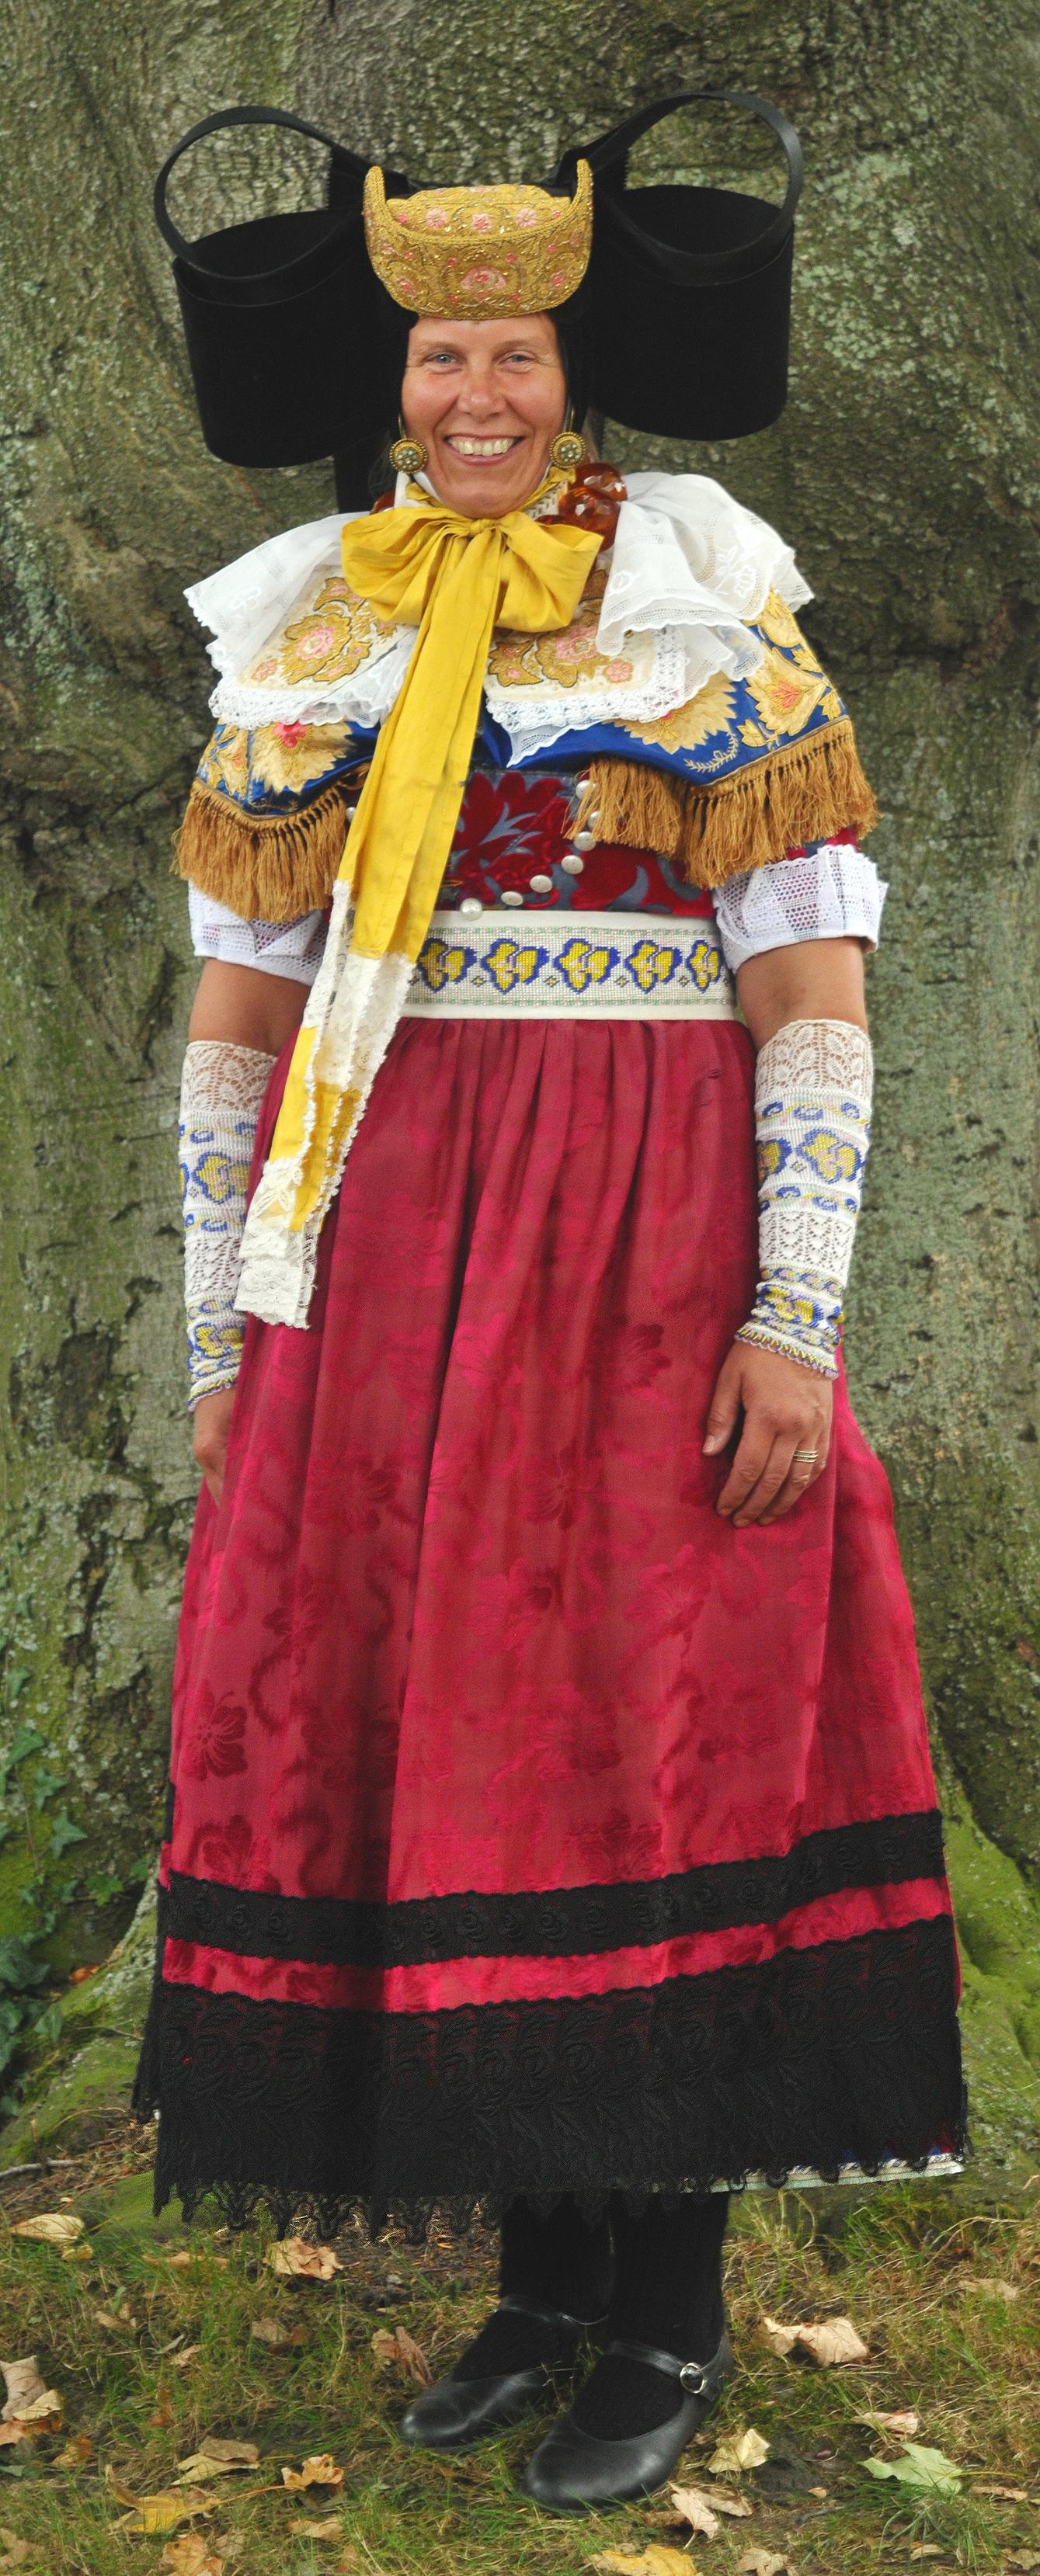 bückeburger – Wikipedia Datei In jpg Kleinenbremen Festtagstracht HeW9bED2YI